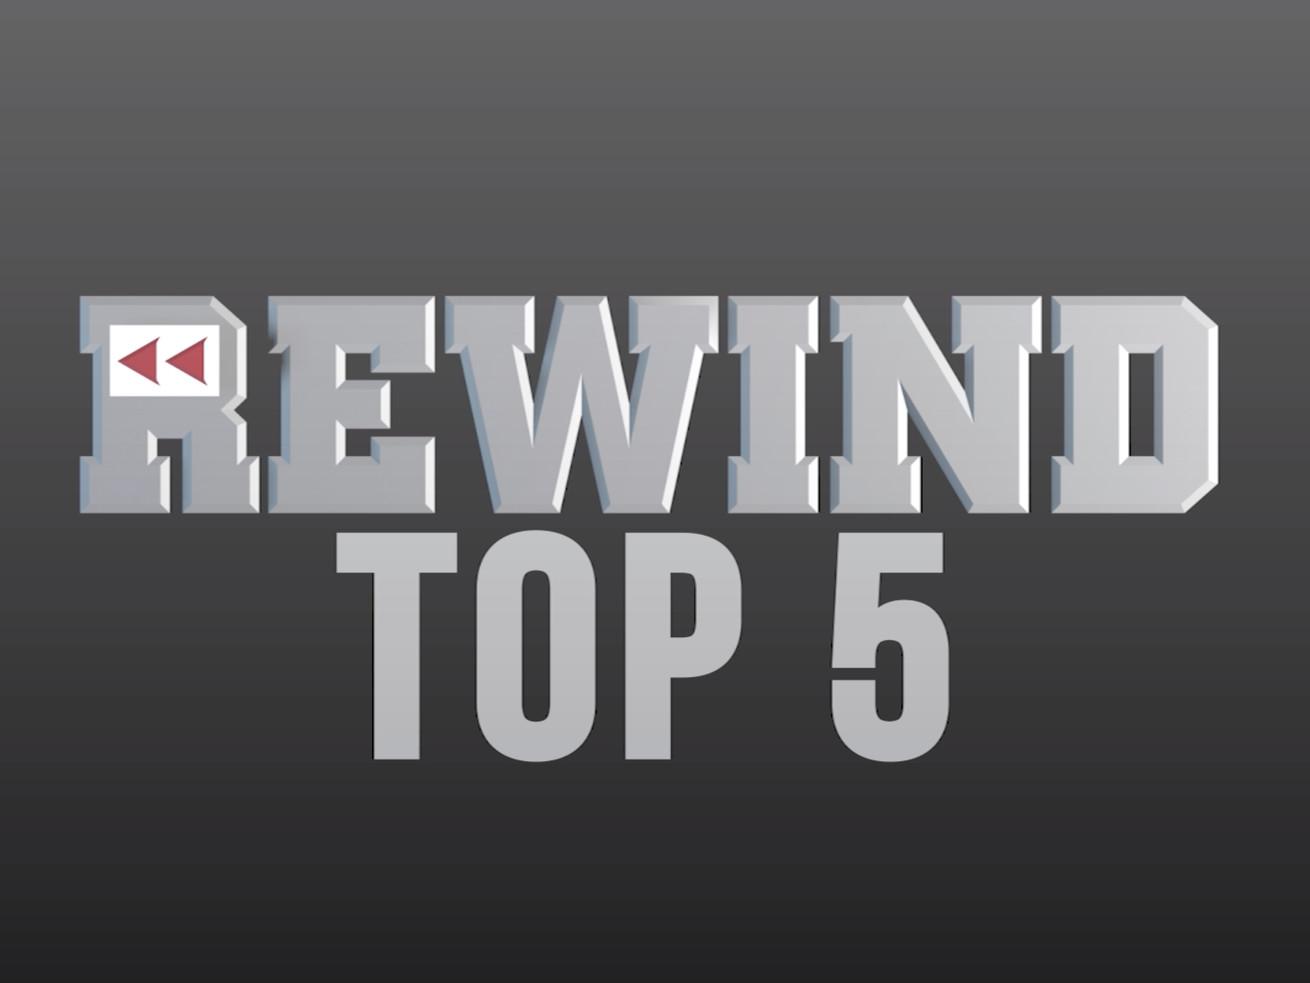 Top 5 plays for Week 8 of Utah high school basketball 2019-20